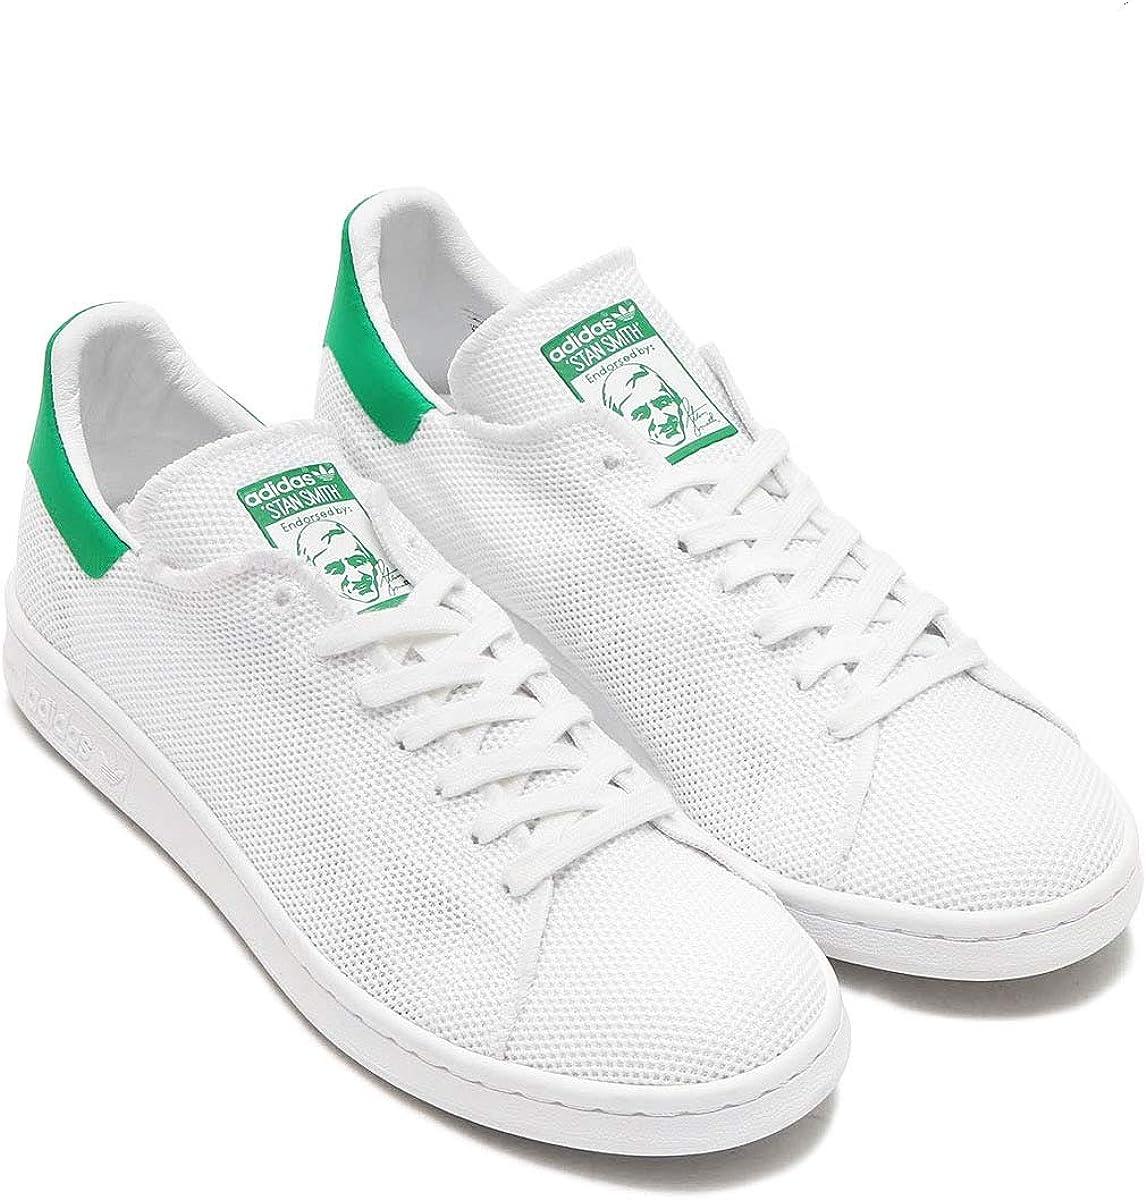 Stan Smith Sneakers BB0065, 13 White